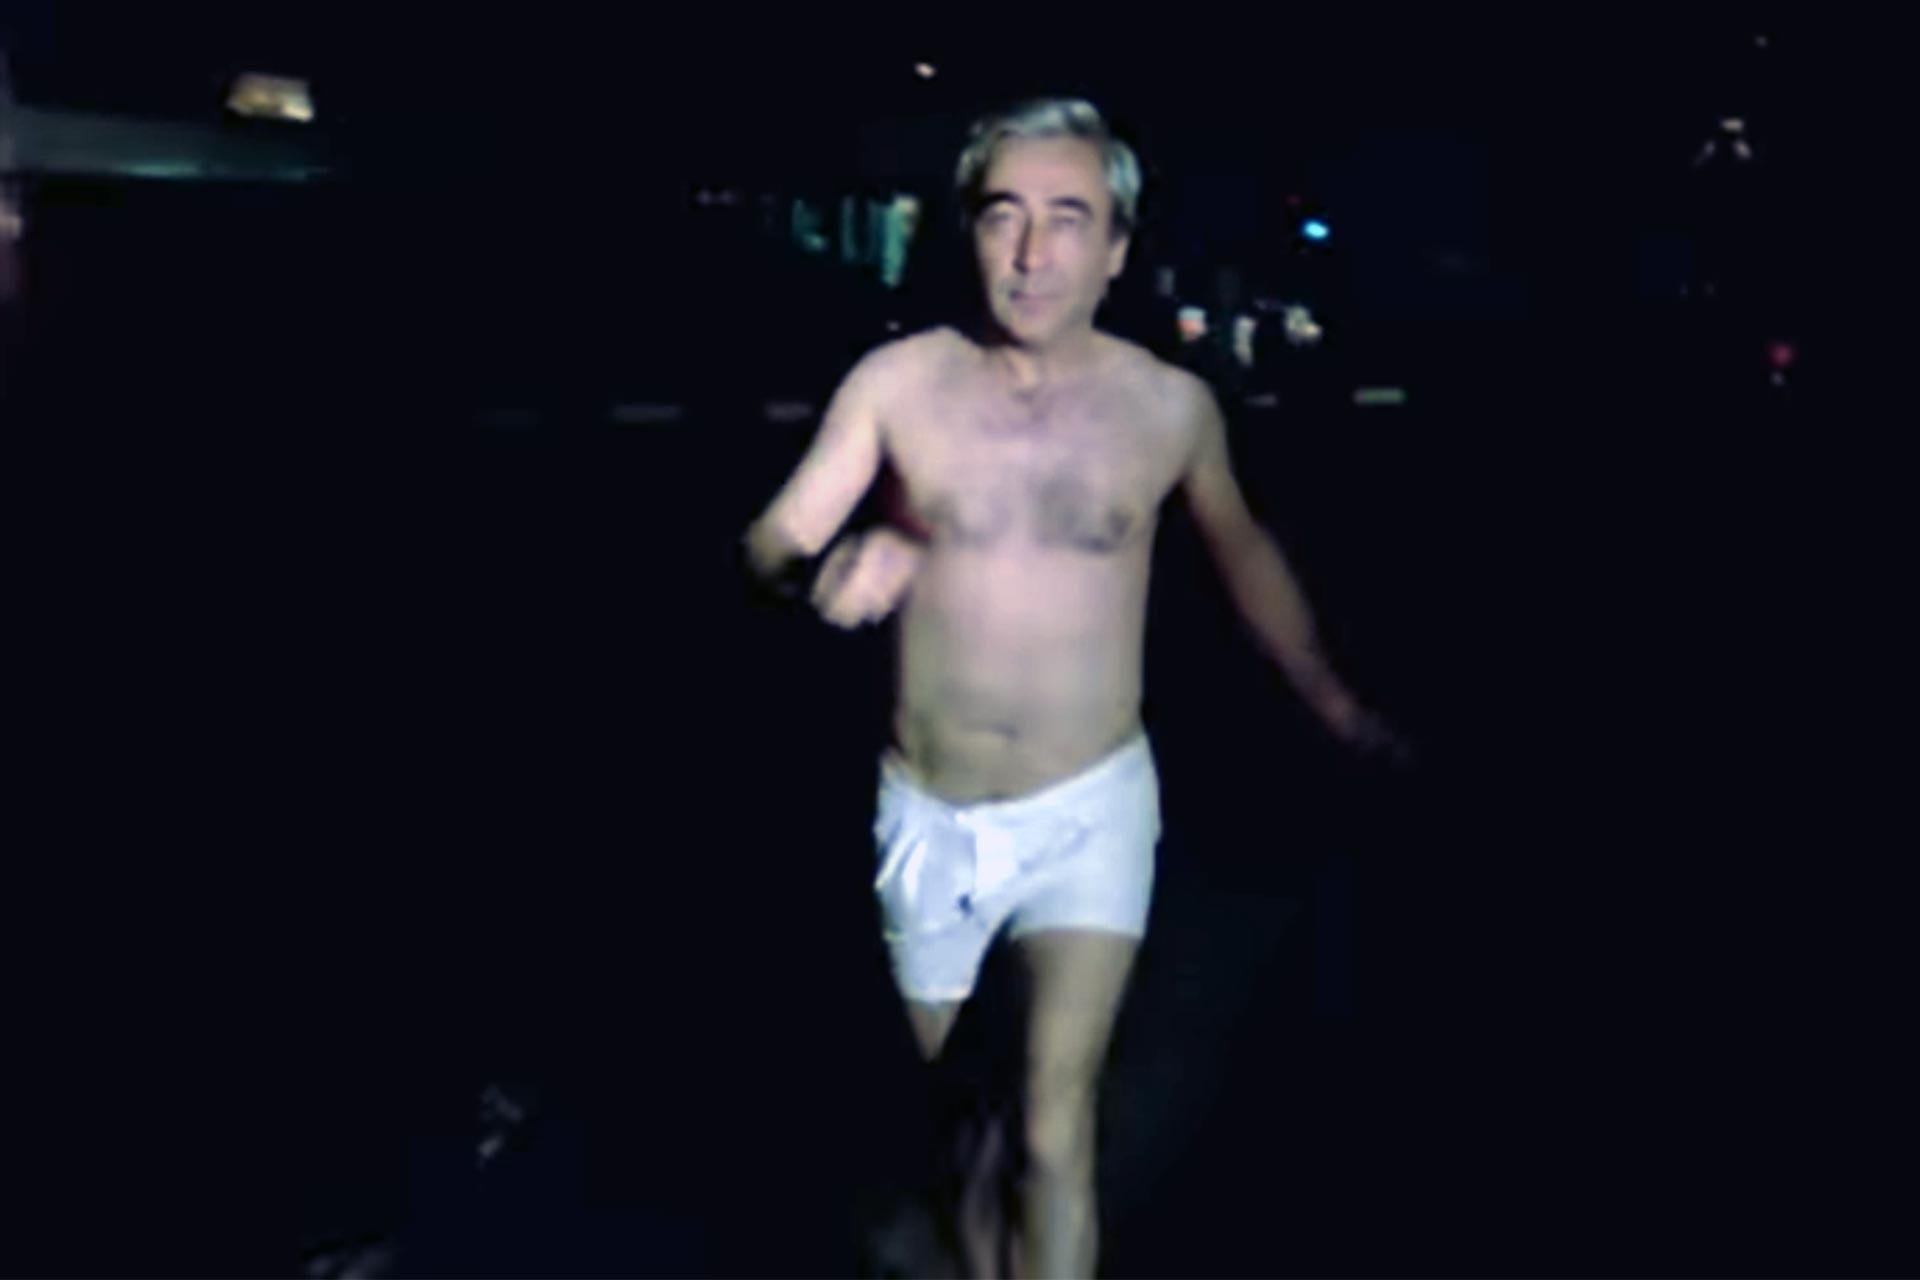 Şener Şen, Çıplak Vatandaş filminde, yarı çıpla koşuyor.